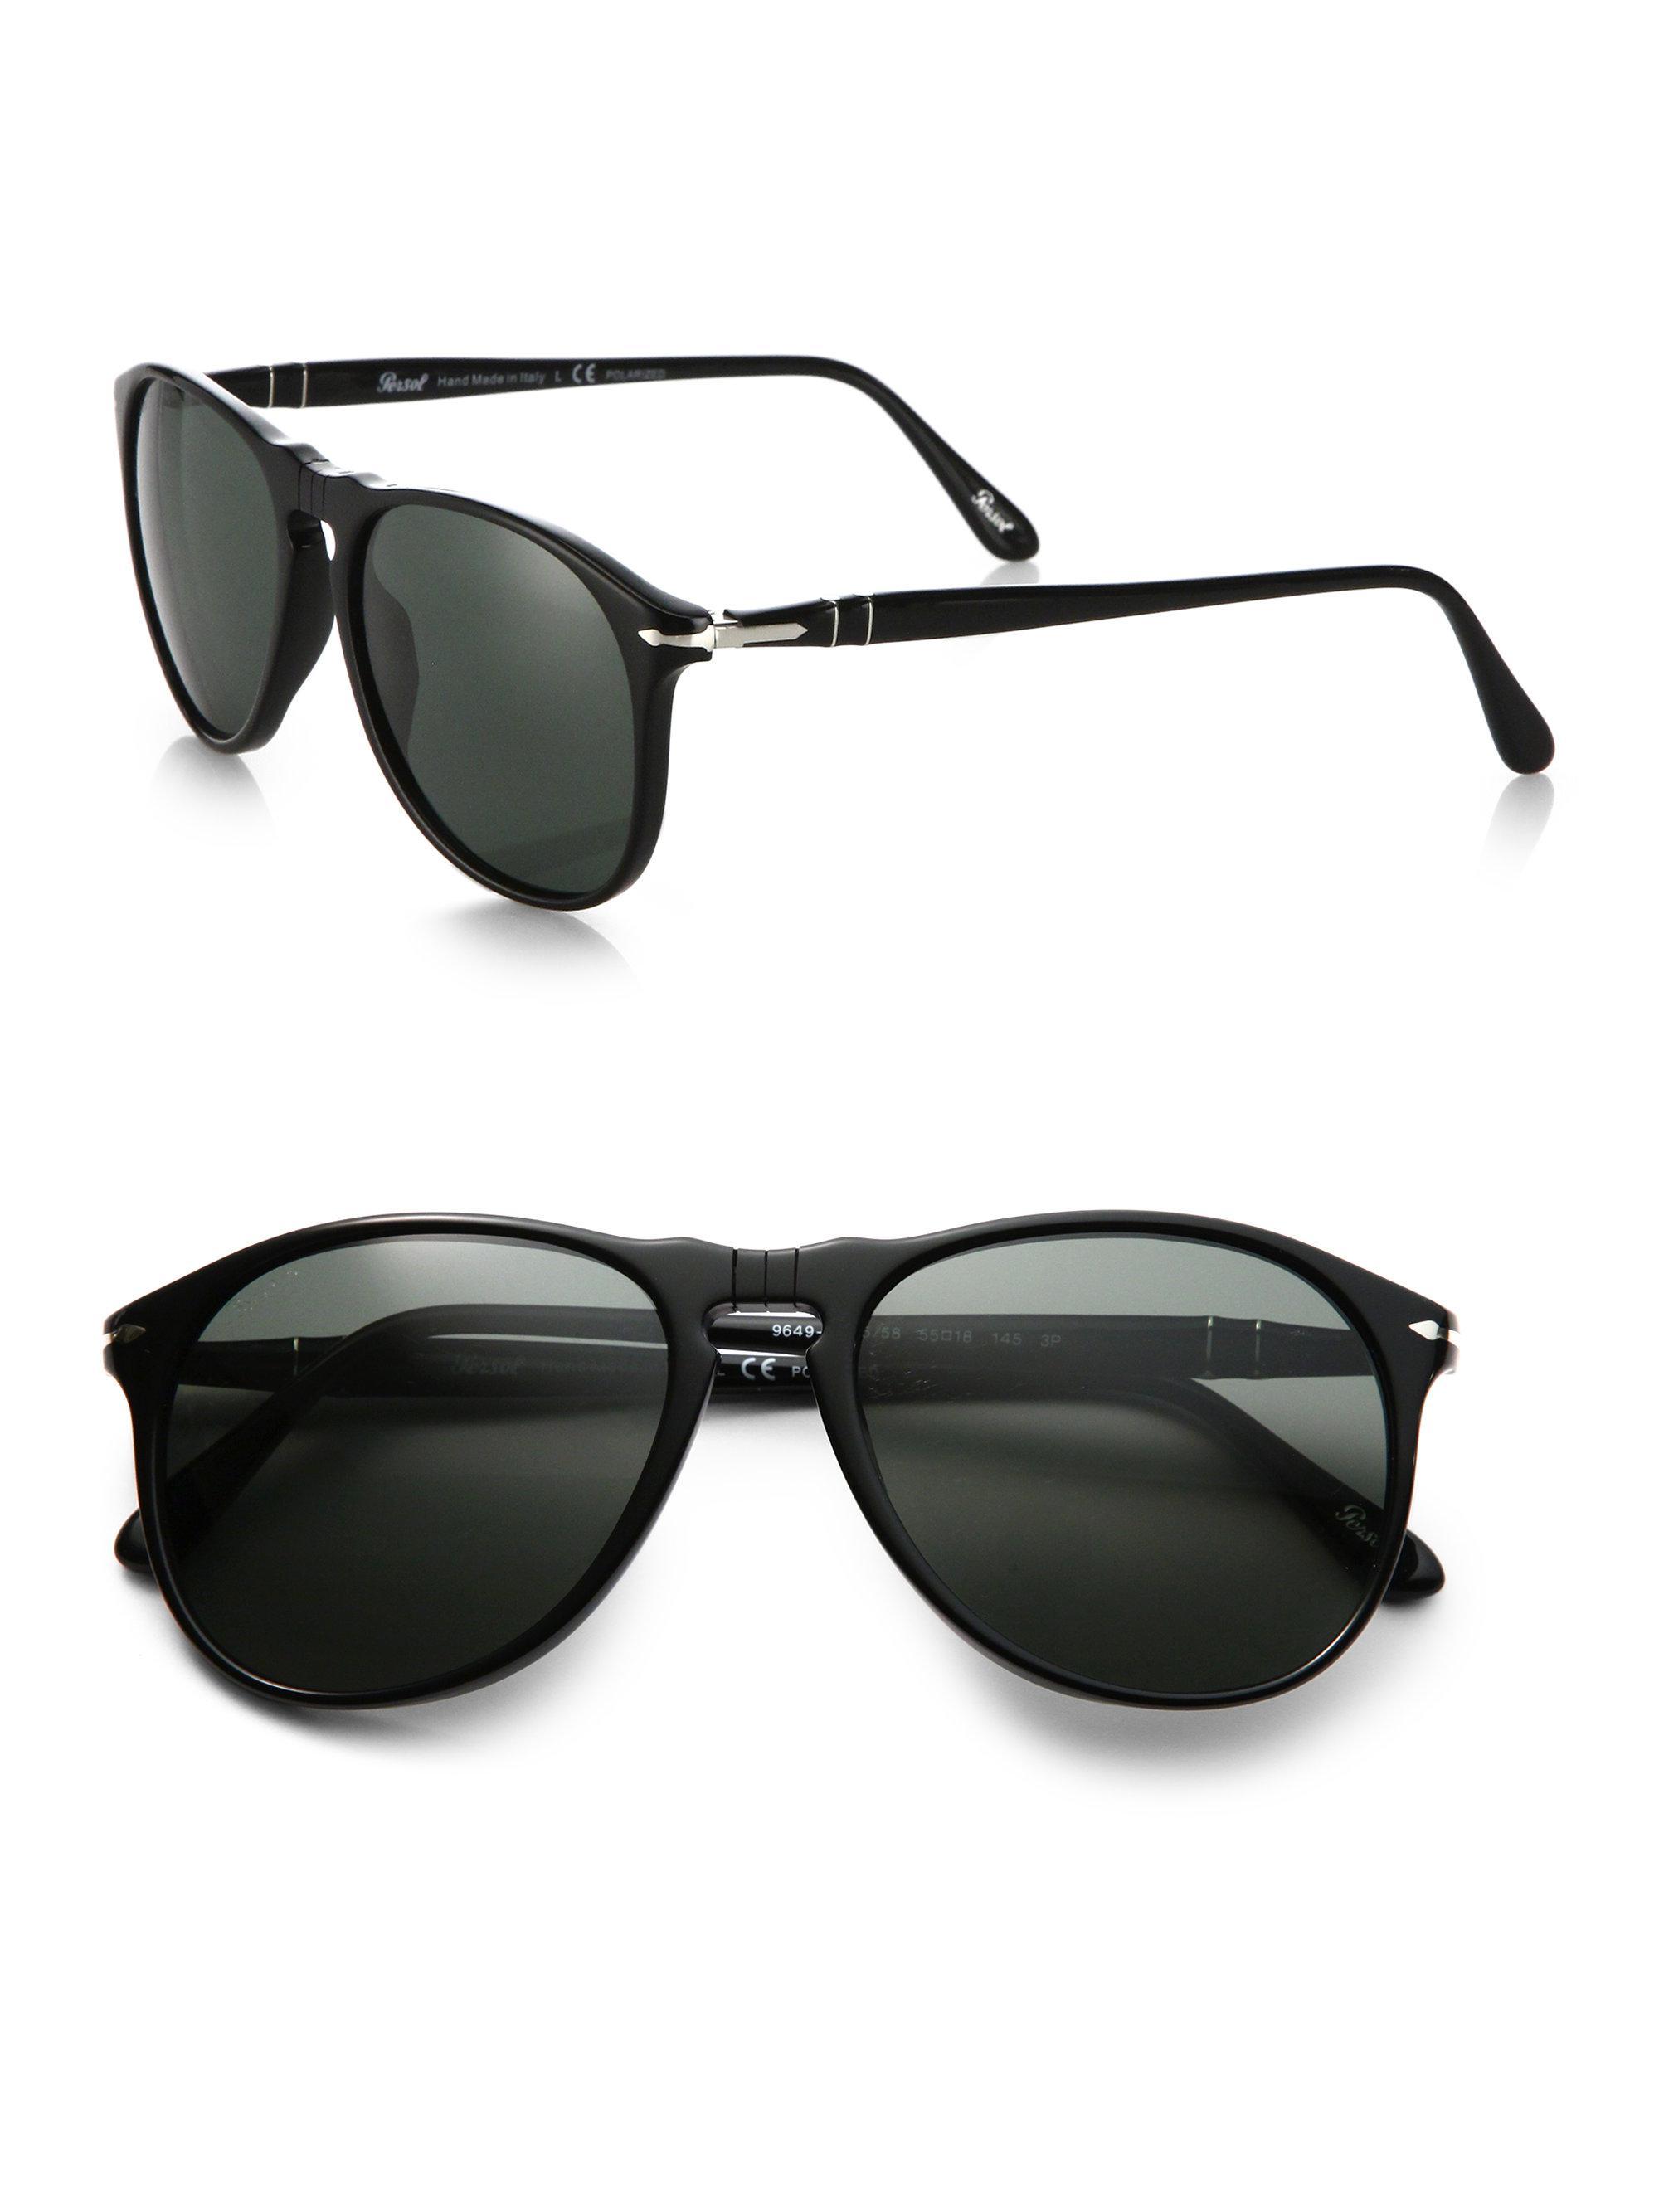 f97cf8376a81a Lyst - Persol 55mm Suprema Round Sunglasses in Black for Men